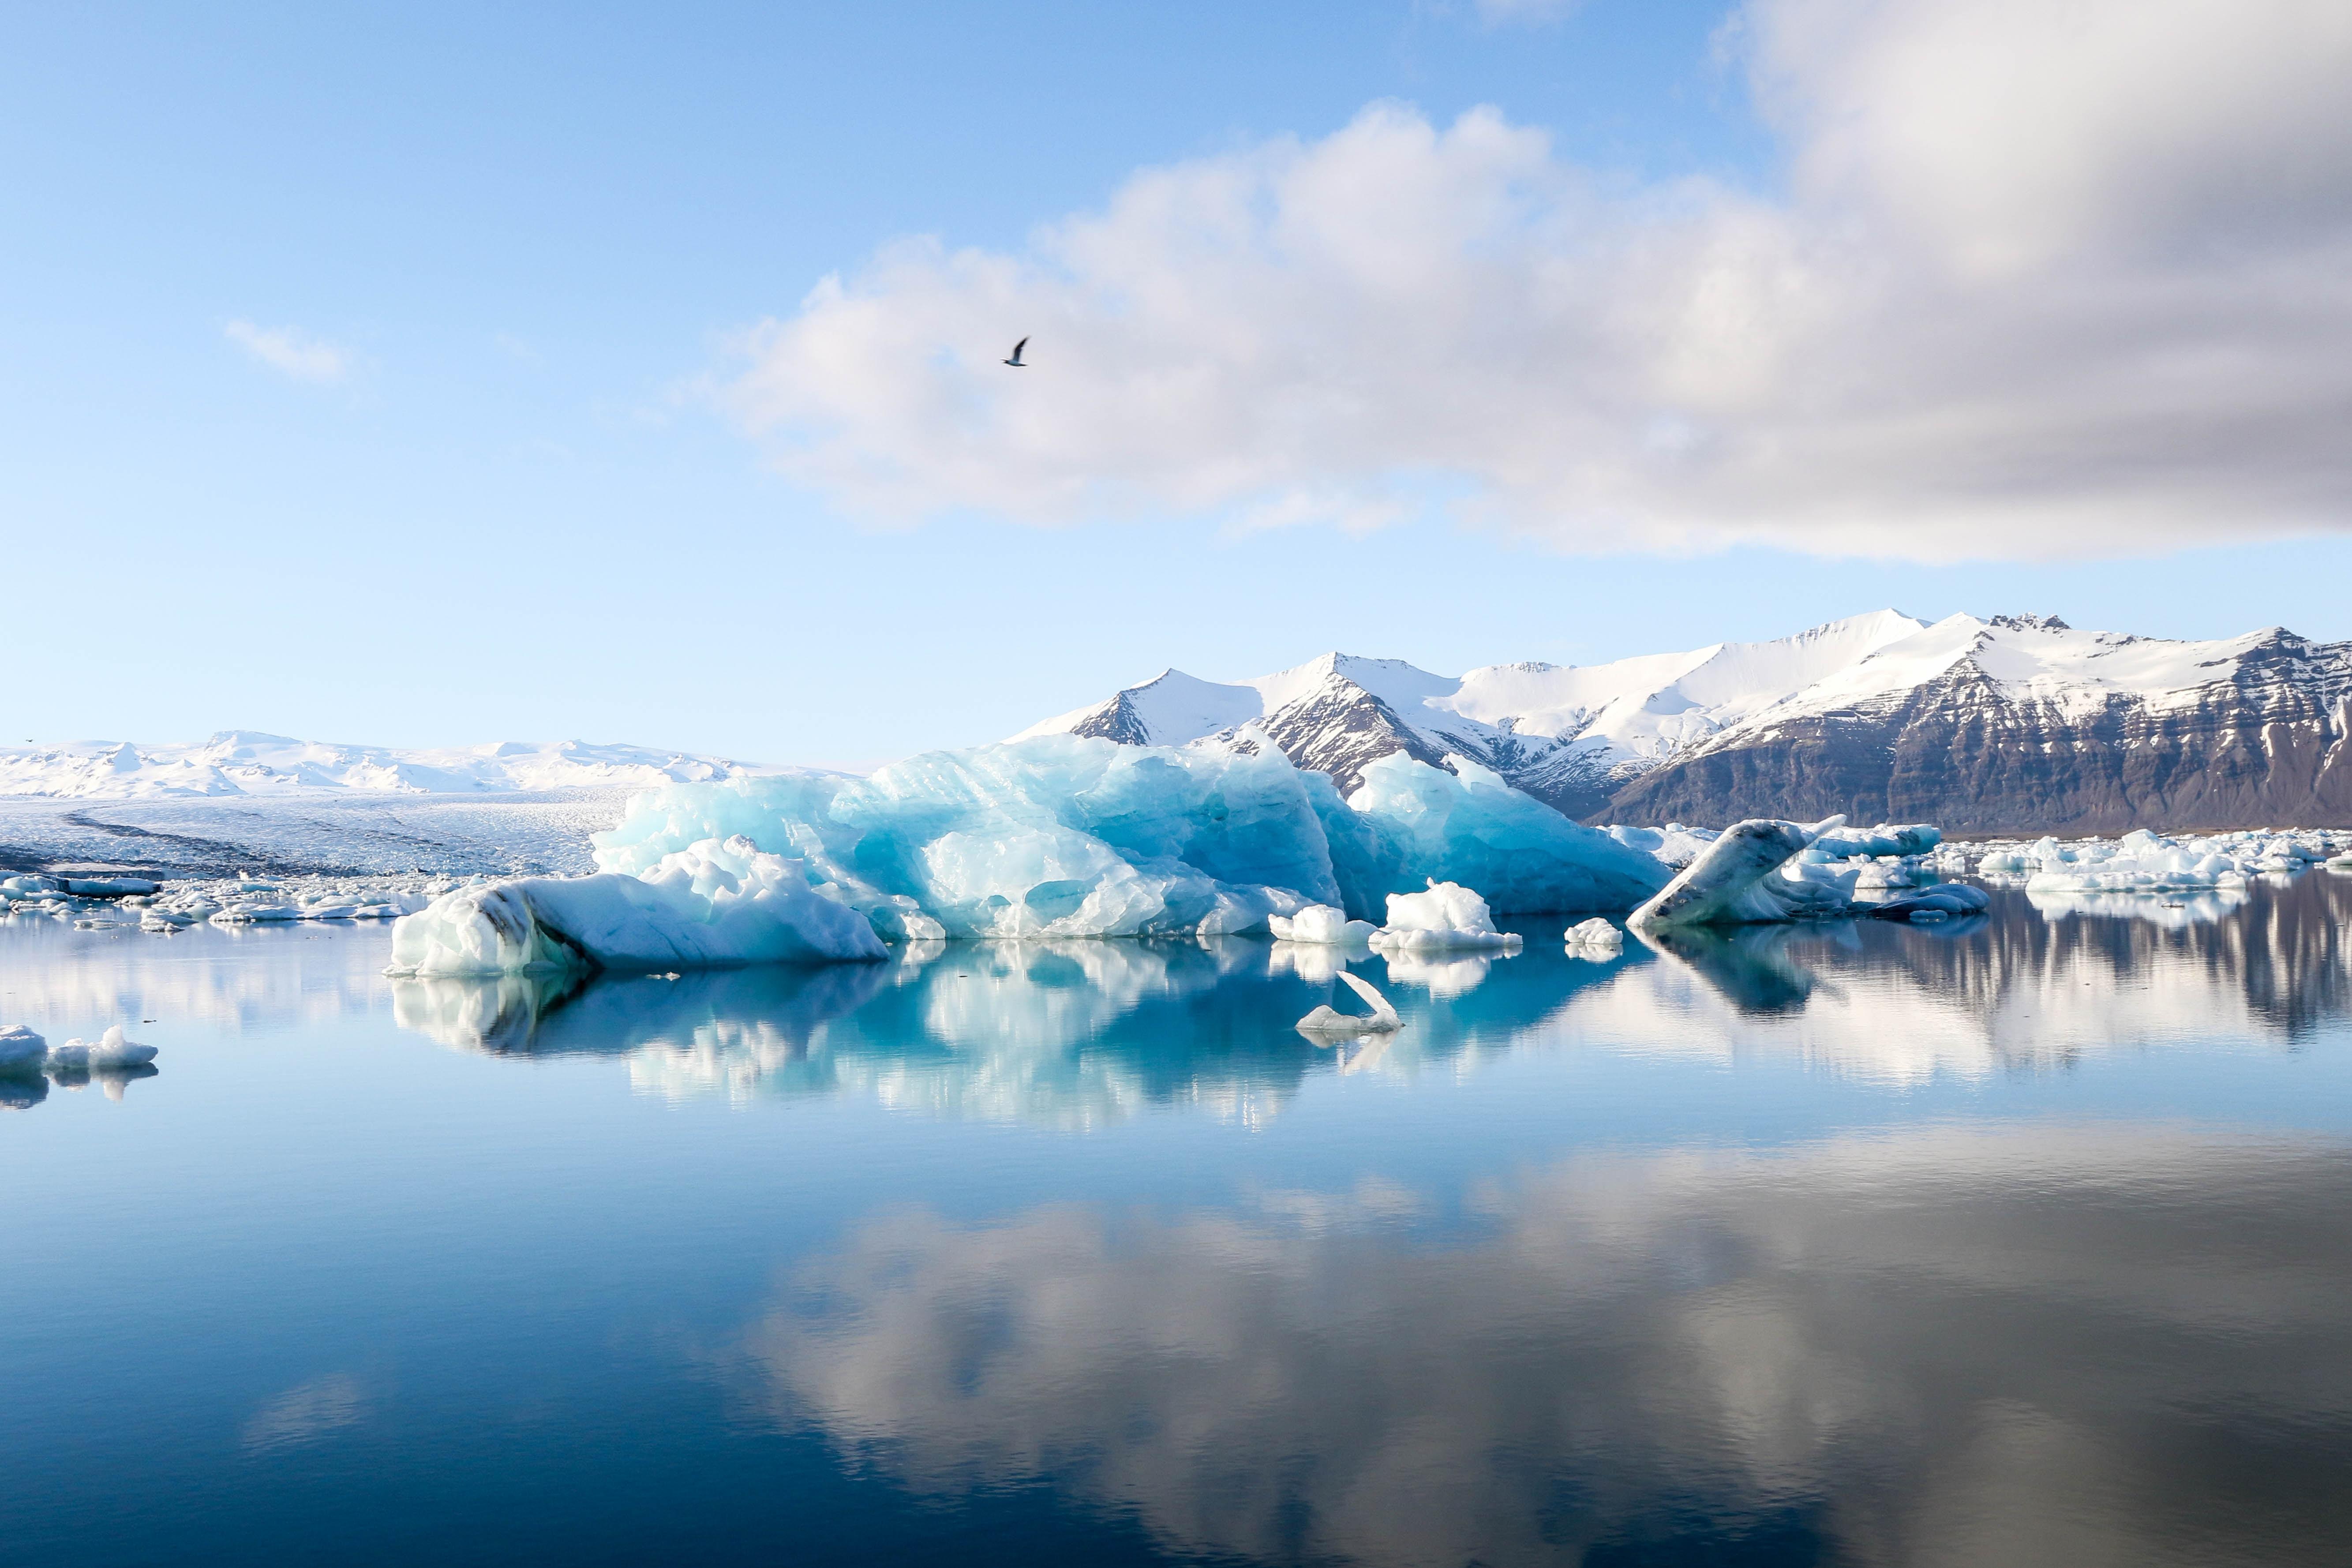 冰岛经典冰火之旅6日游 中文向导 含杰古沙龙冰河湖 - day 3